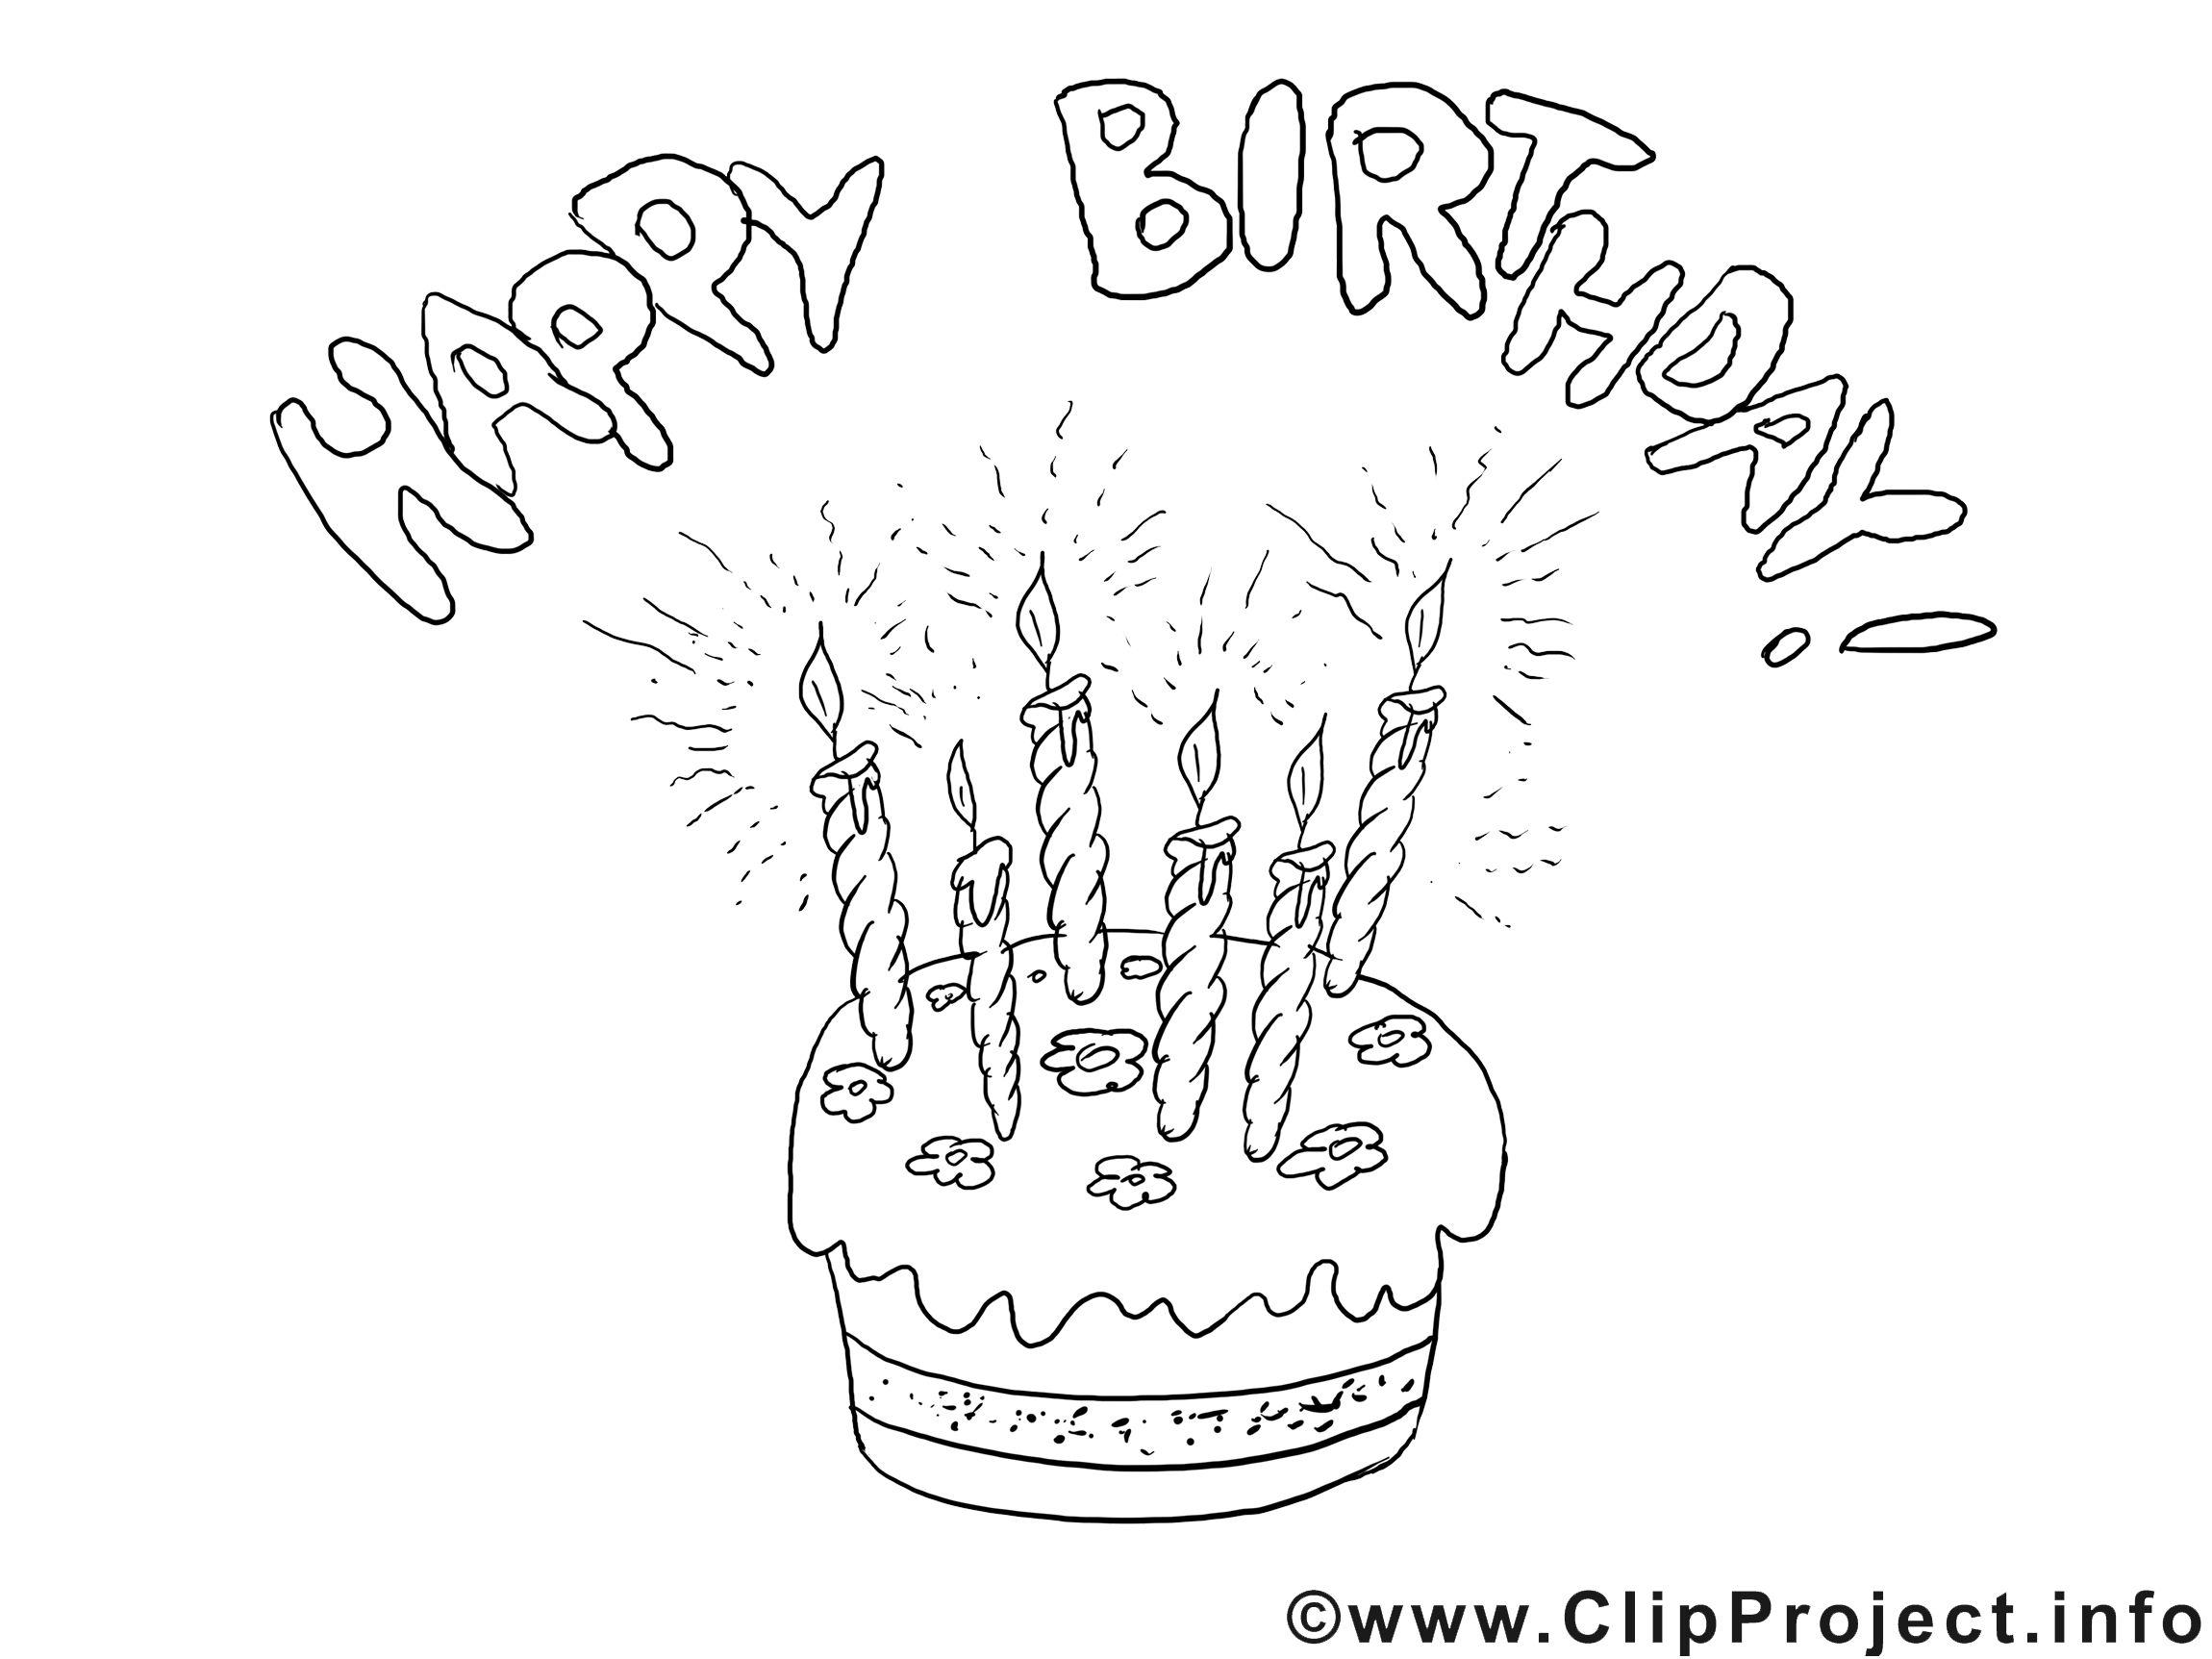 Alles Gute Zum Geburtstag Bilder Zum Ausmalen Happy Birthday Pictures Happy Birthday Pictures Free Happy Birth